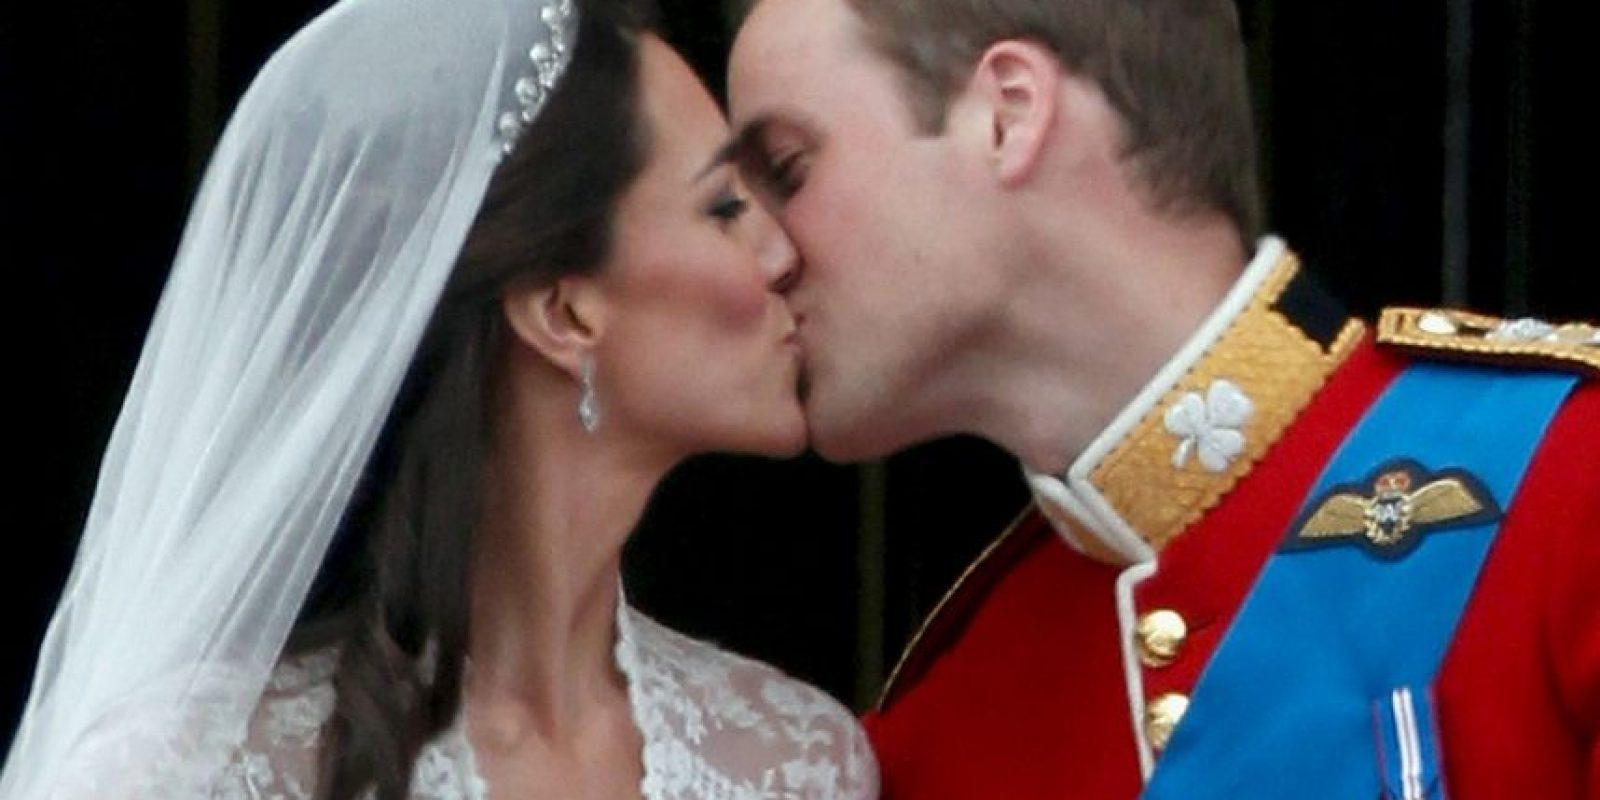 El día sirve para que las parejas de enamorados expresen su amor y cariño mutuo. Foto:Getty Images